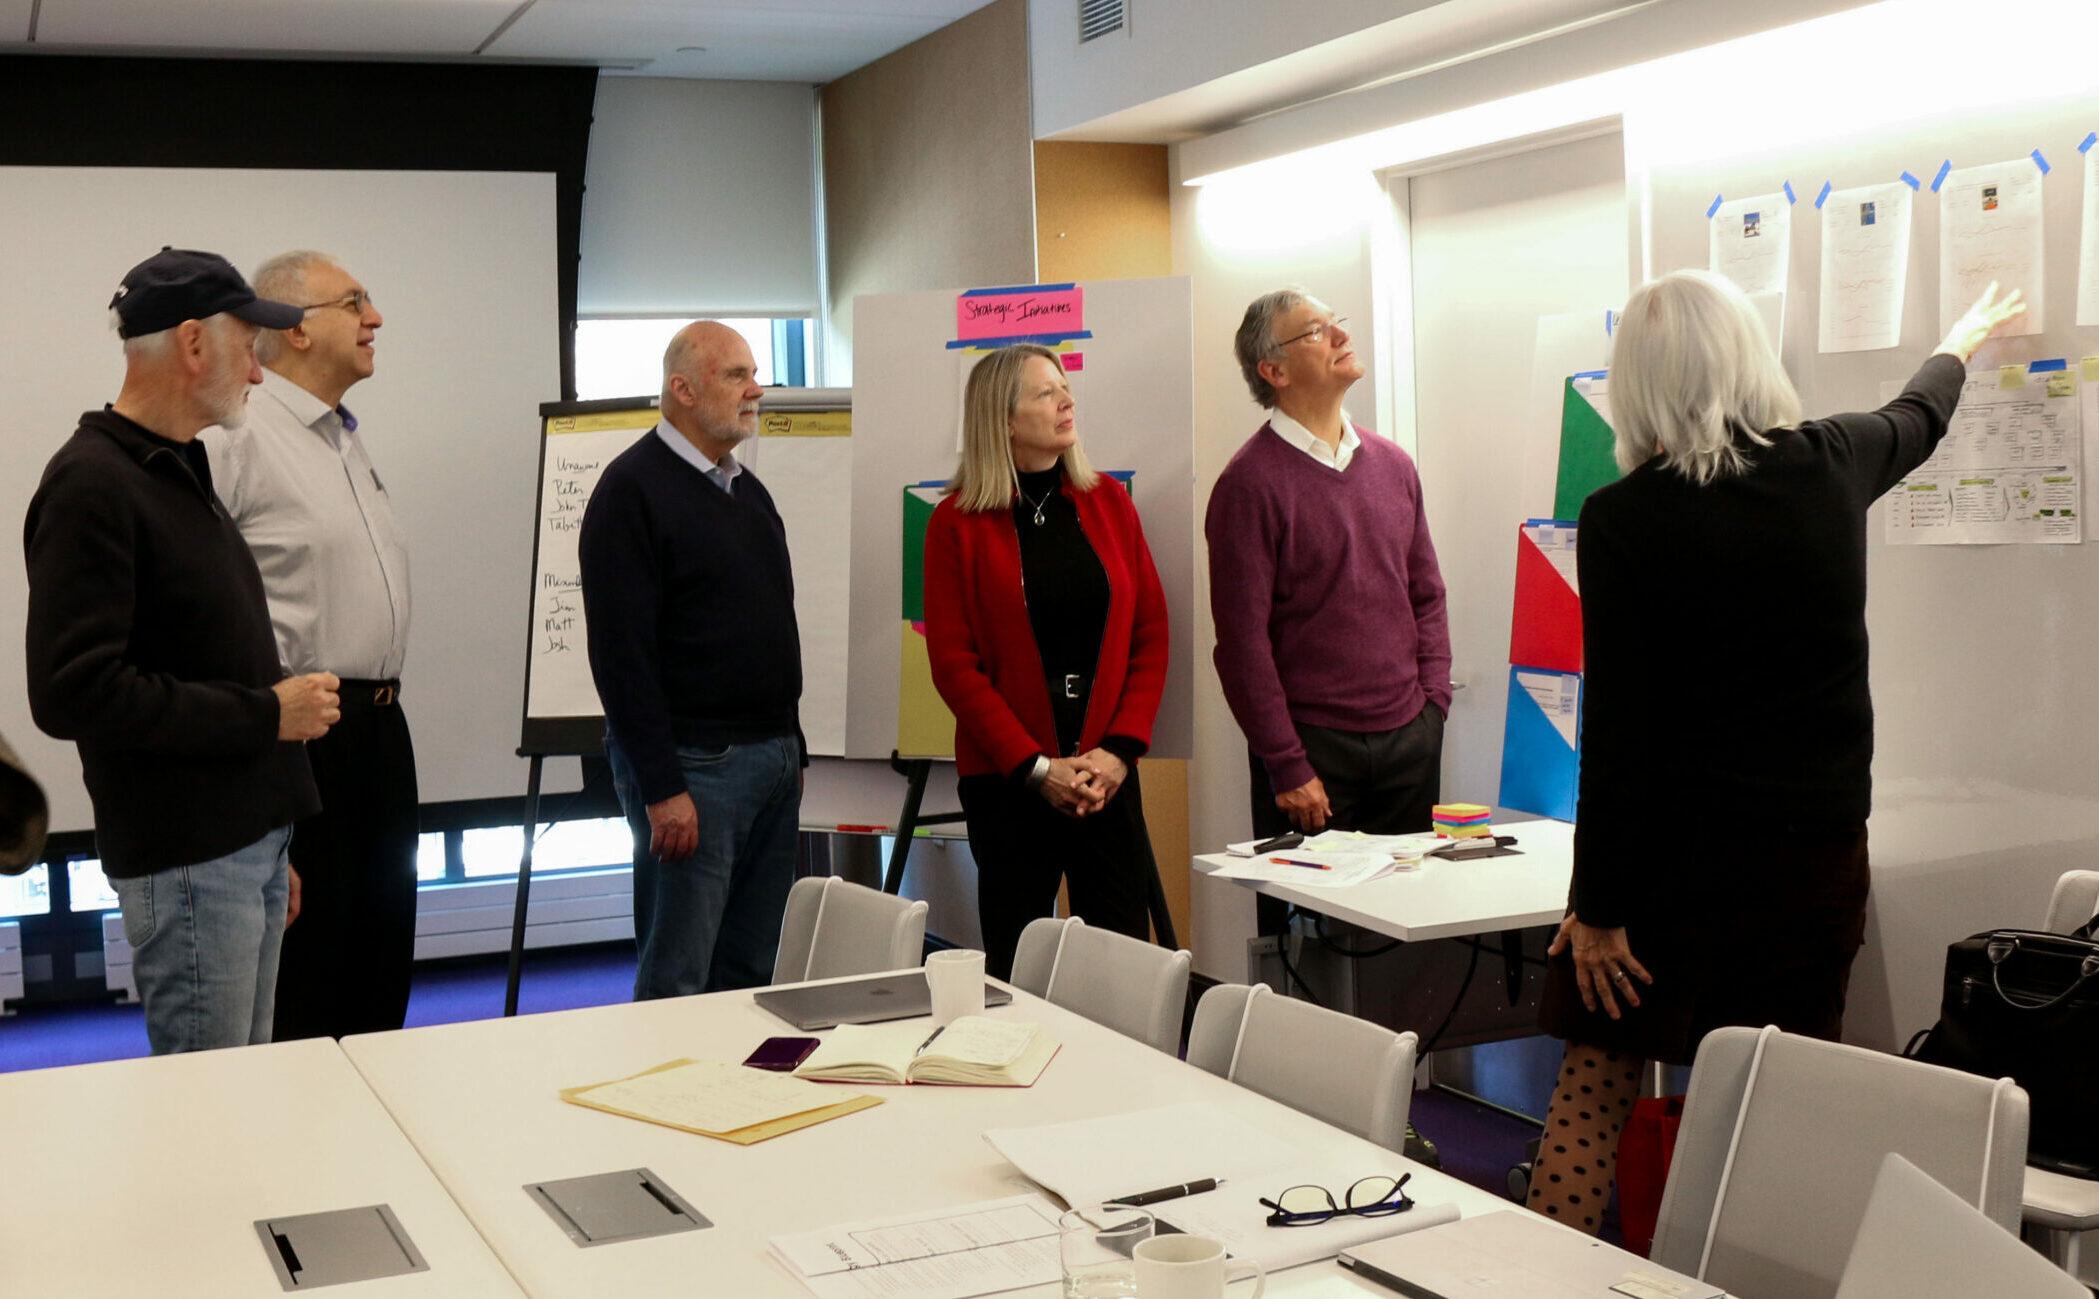 Jean talking to board of directors at a visual wall